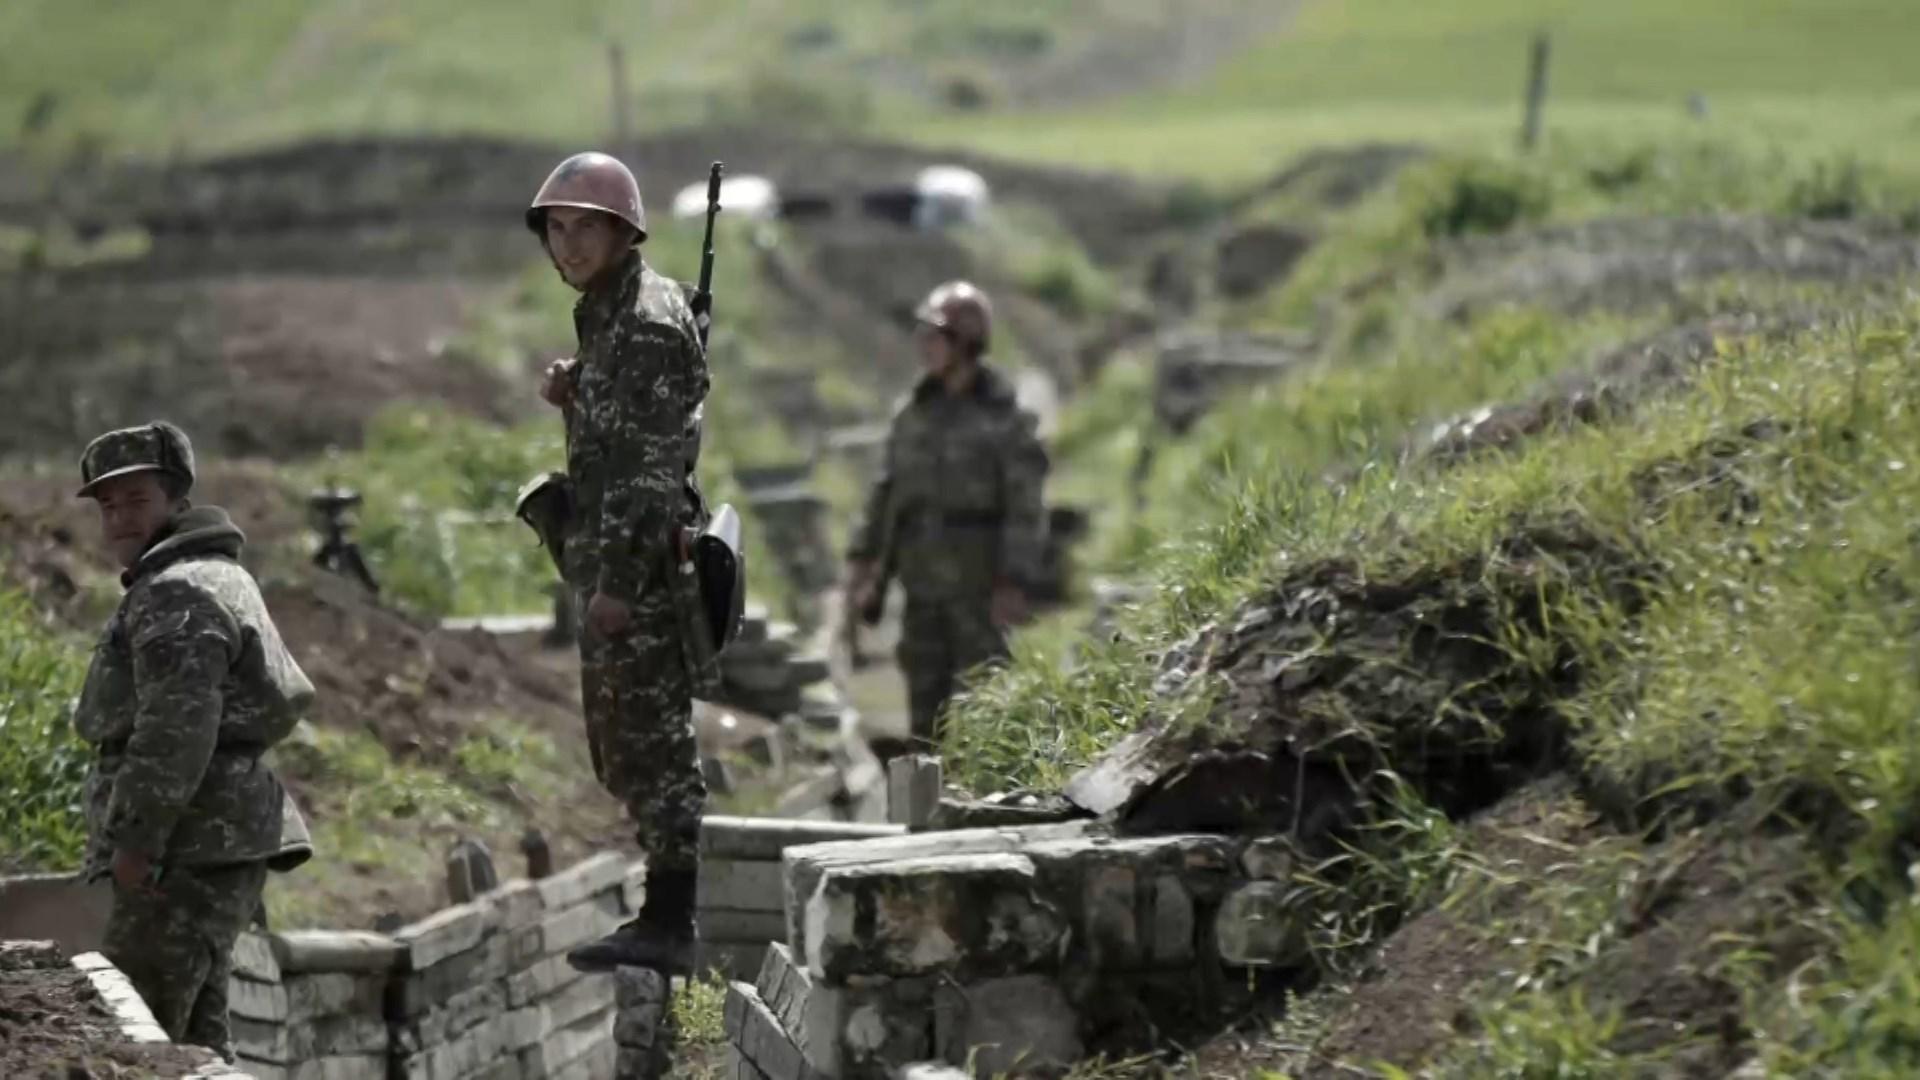 قوات حفظ السلام الروسية ستبدأ بالانتشار وإنشاء نقاط مراقبة على خط التماس في كاراباخ